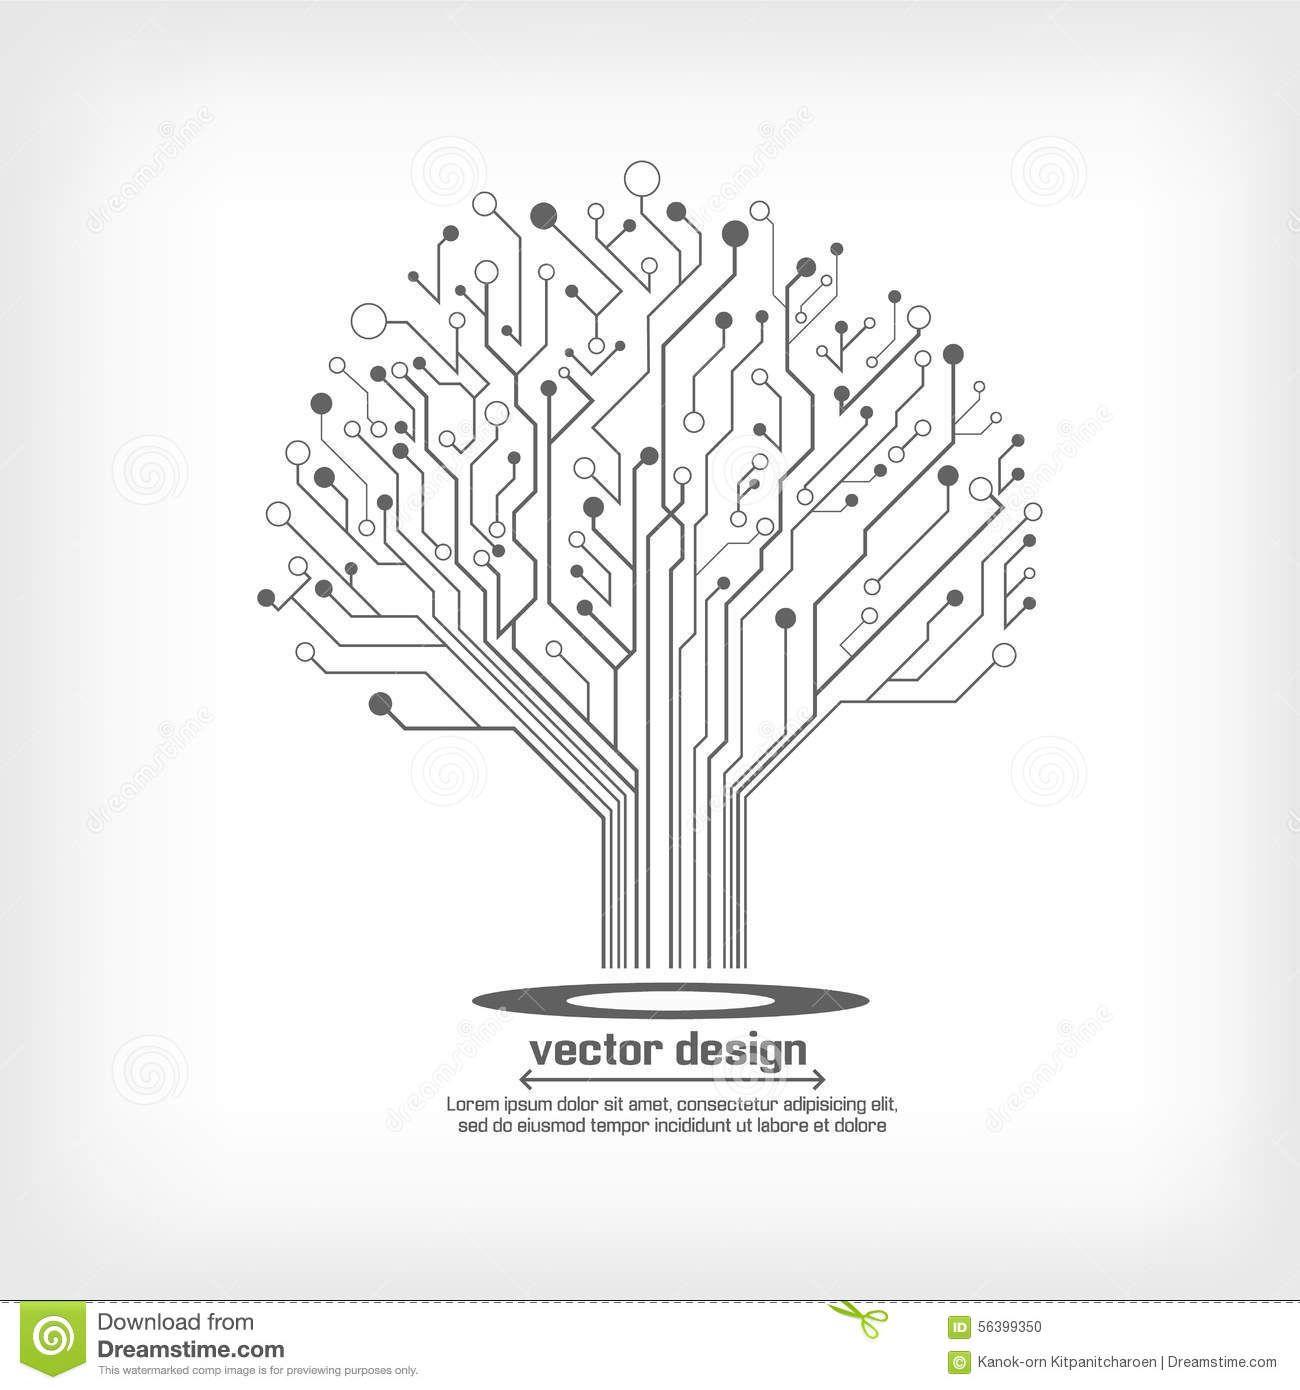 r u00e9sultats de recherche d u0026 39 images pour  u00ab circuit electronique graphisme arbre  u00bb